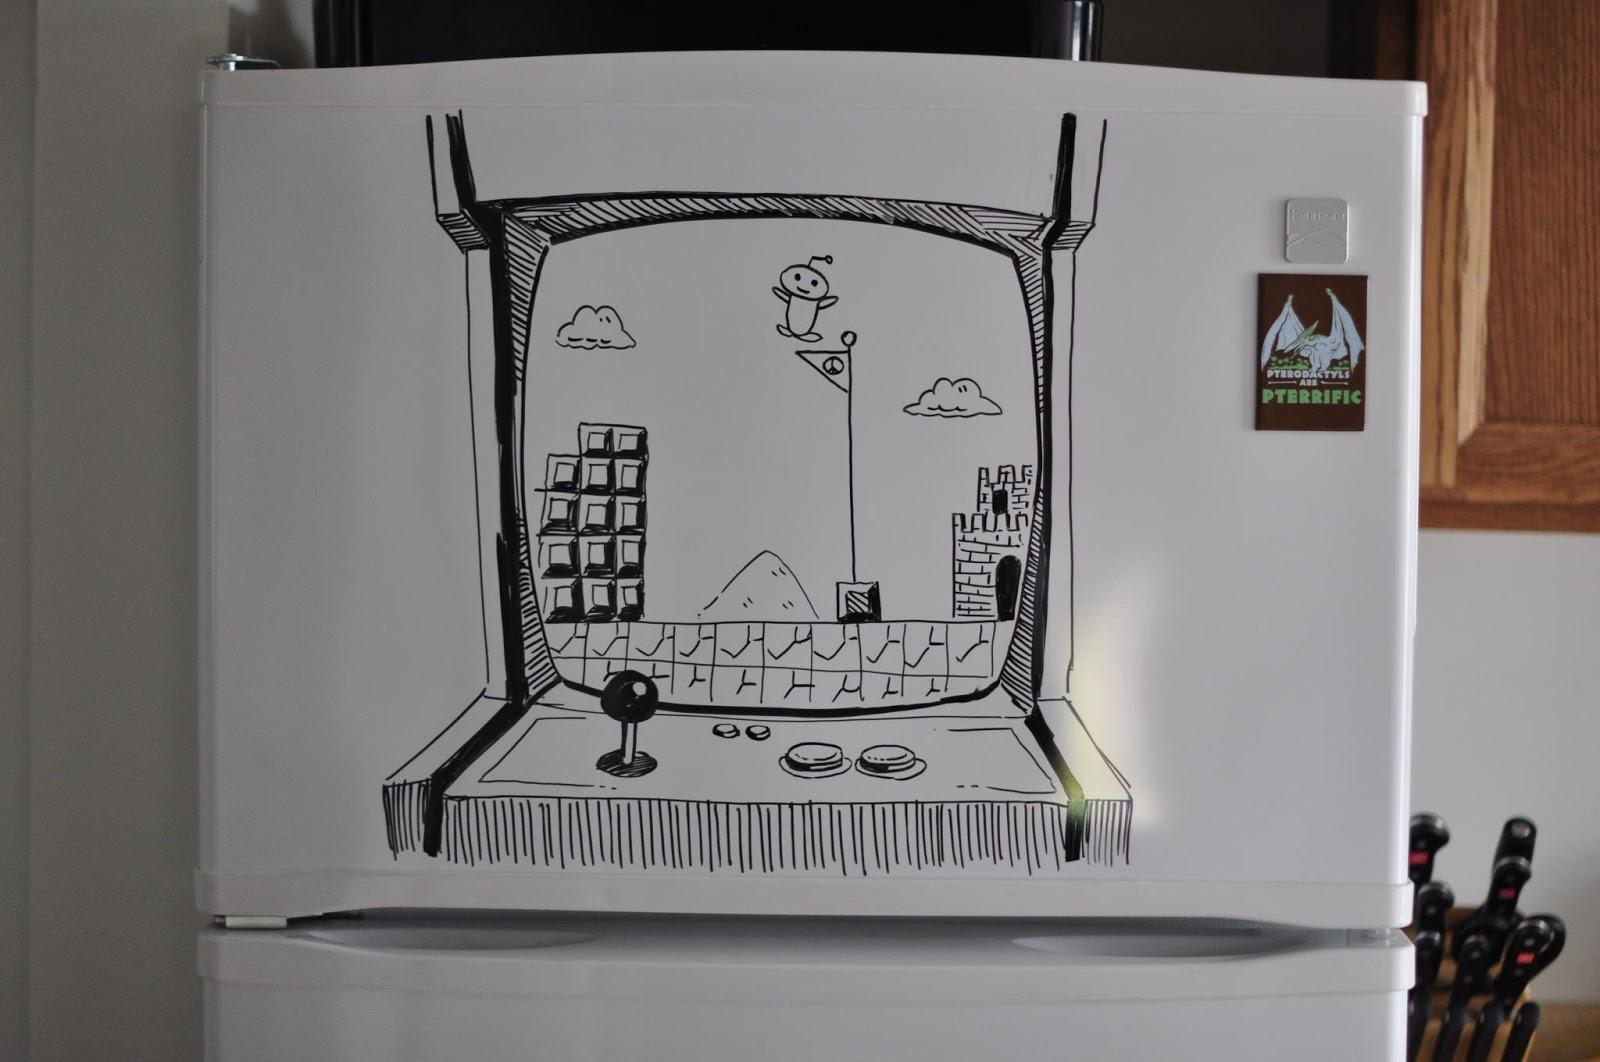 Картинка, прикольные рисунки на холодильниках